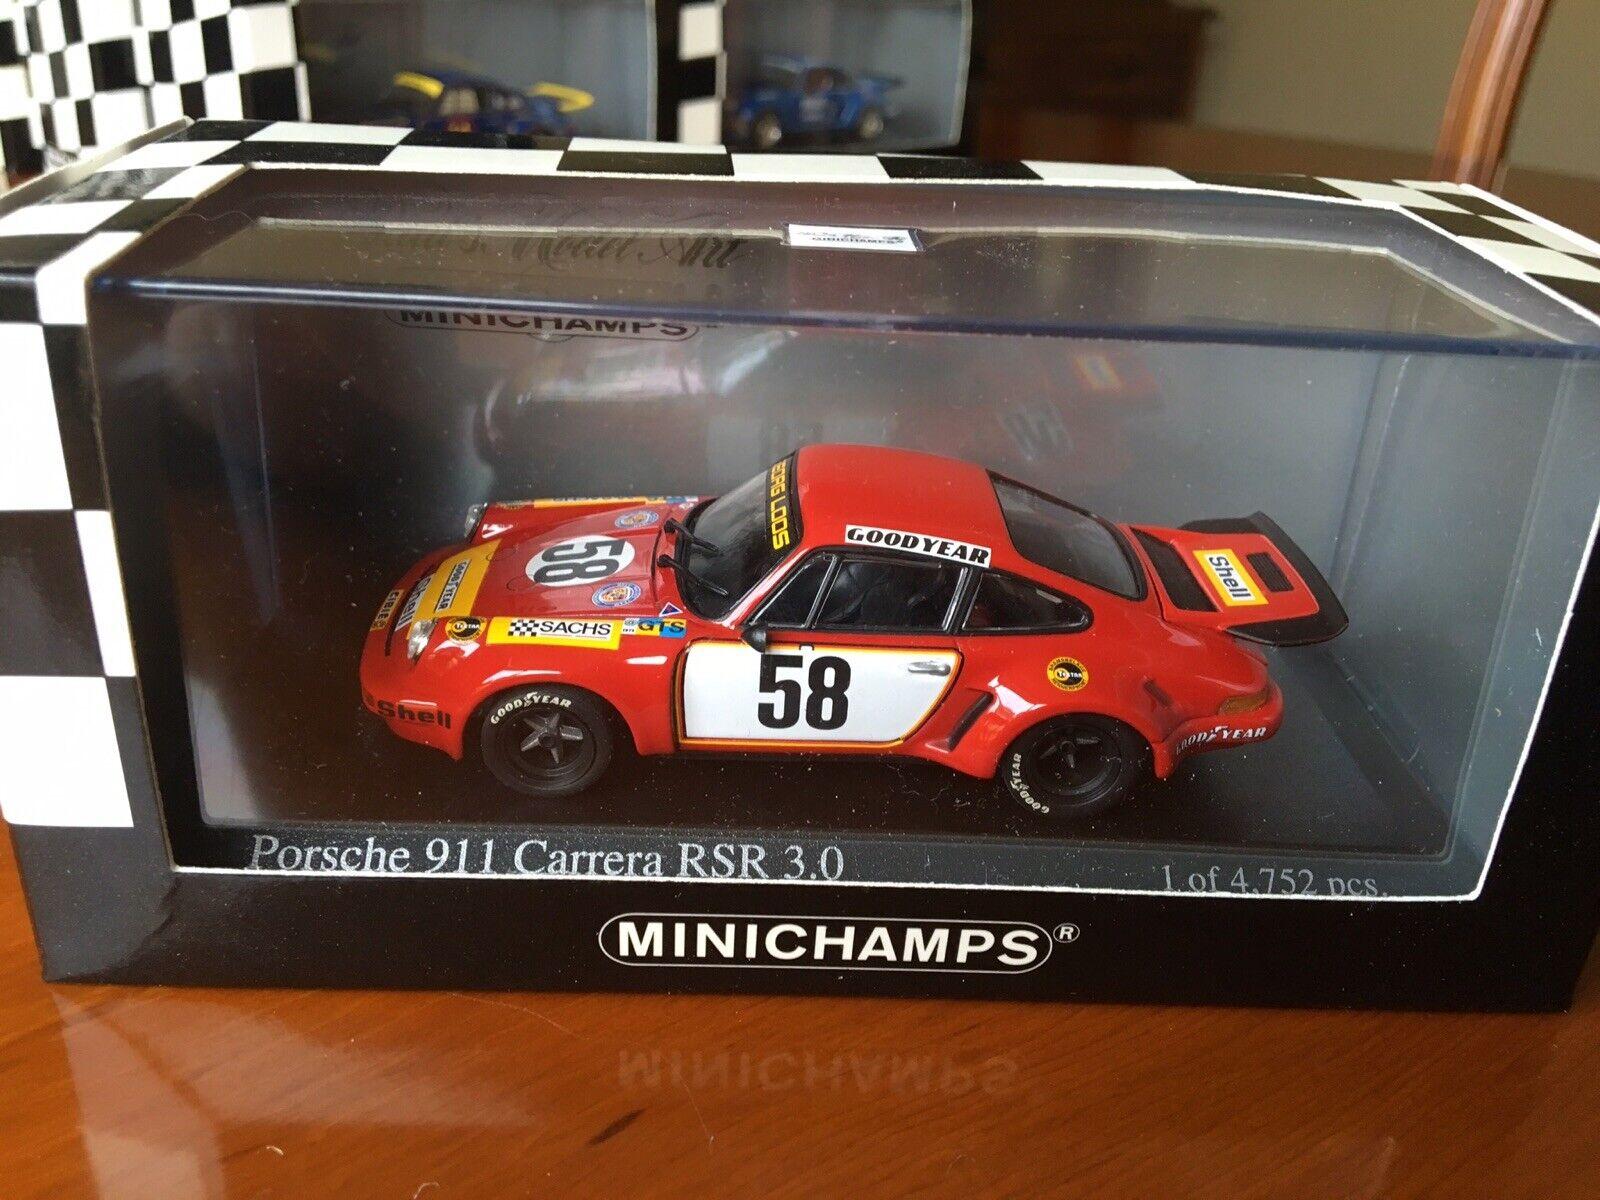 Minichamps Porsche 911 Carrera RSR 3.0. Le Mans 1975. 1 43 scale diecast.